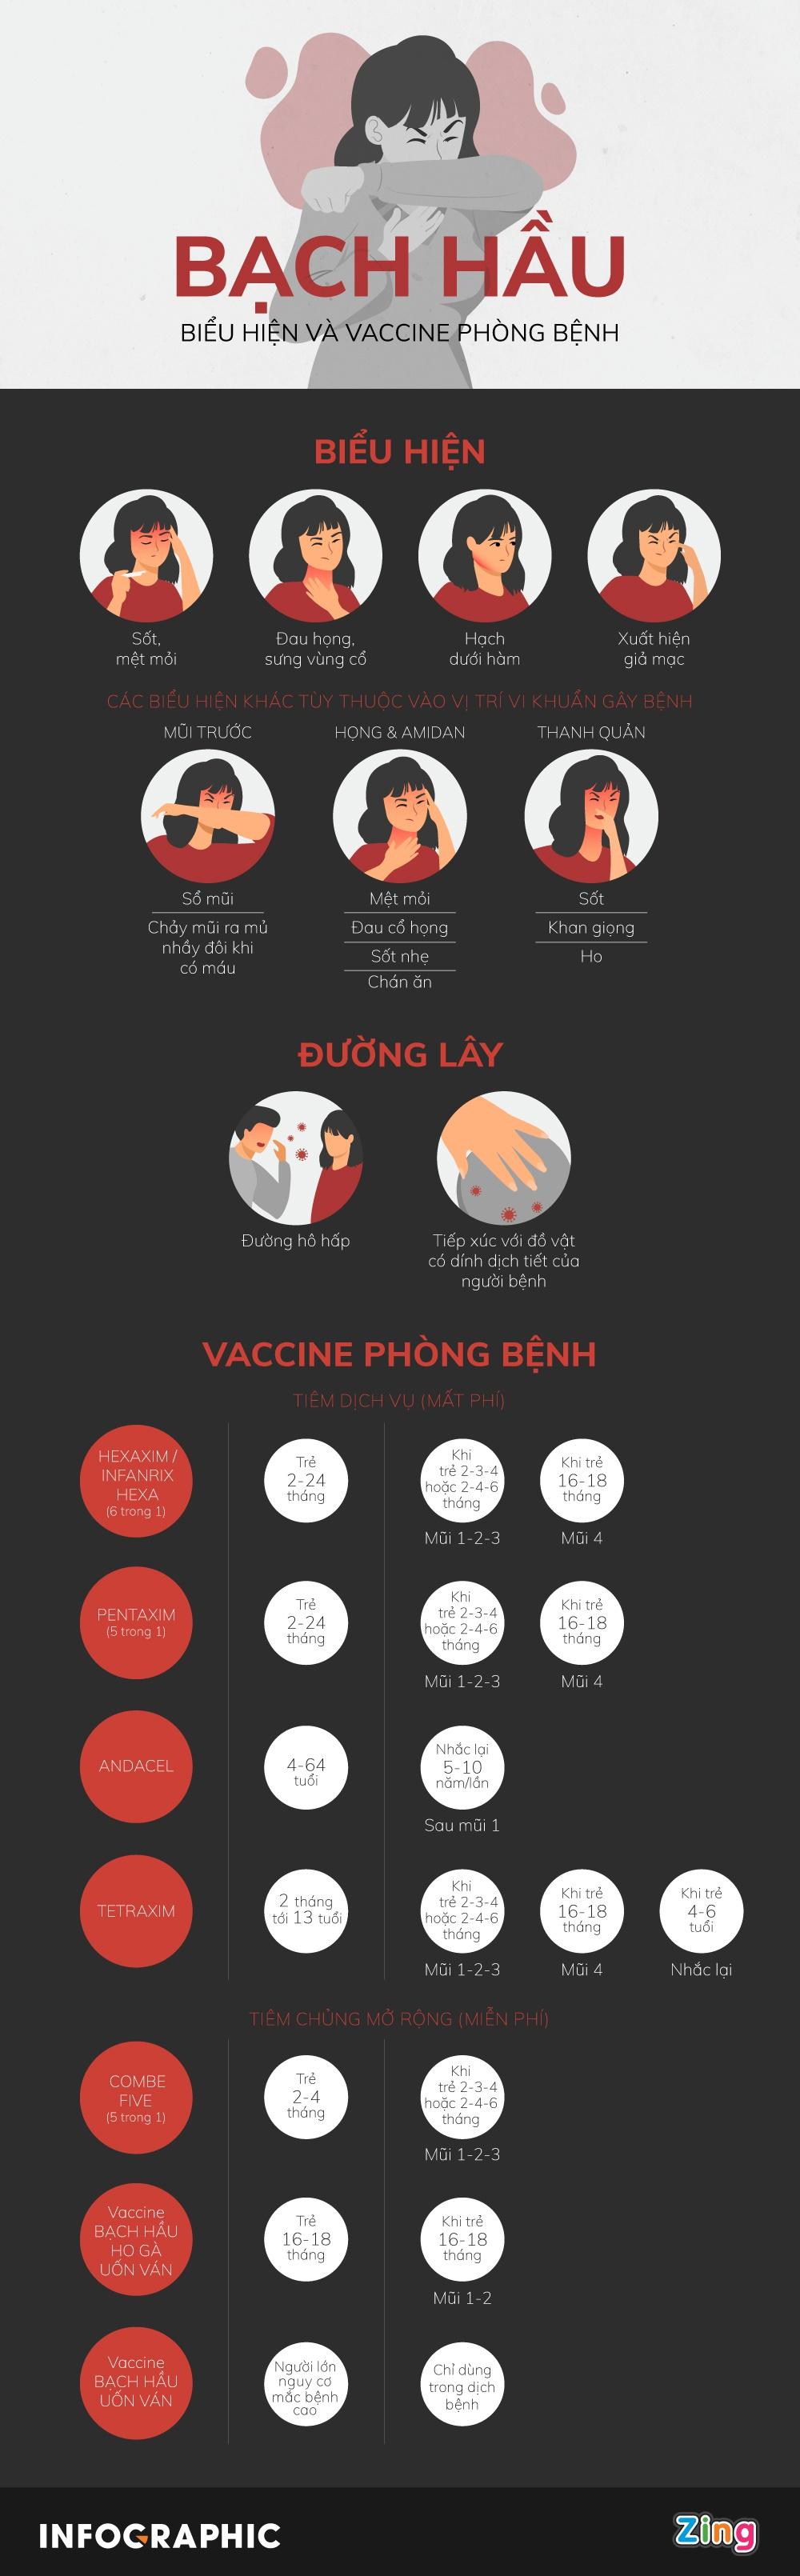 [Infographics] Dấu hiệu bệnh và những vaccine giúp phòng bạch hầu - Ảnh 1